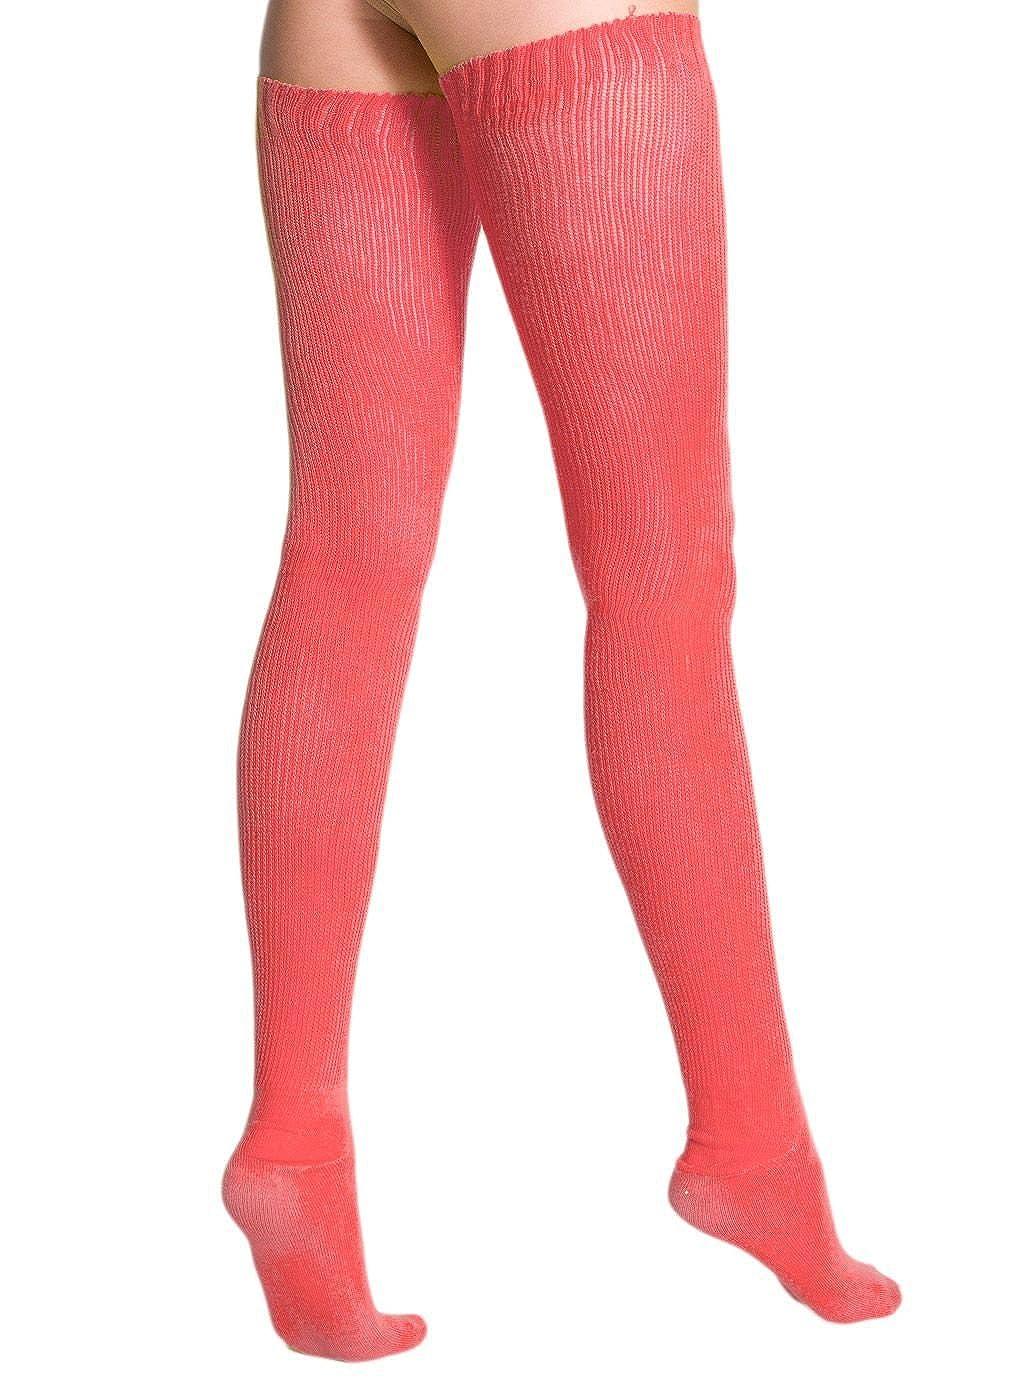 American Apparel - Calcetines hasta la rodilla - Ropa - para mujer Pomegranate: Amazon.es: Ropa y accesorios